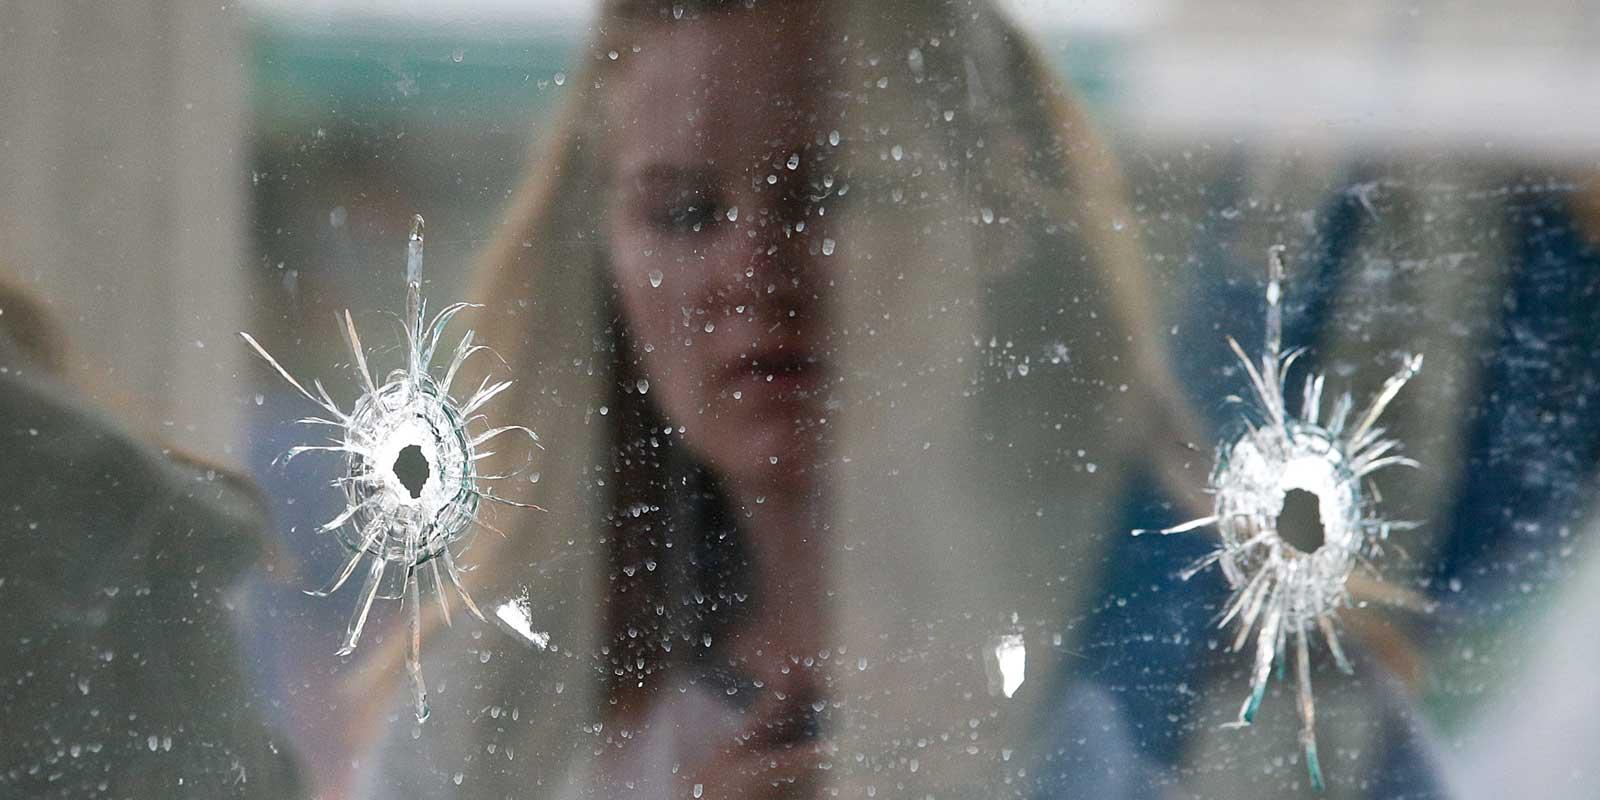 En kvinna studerar två skotthål i en glasruta.